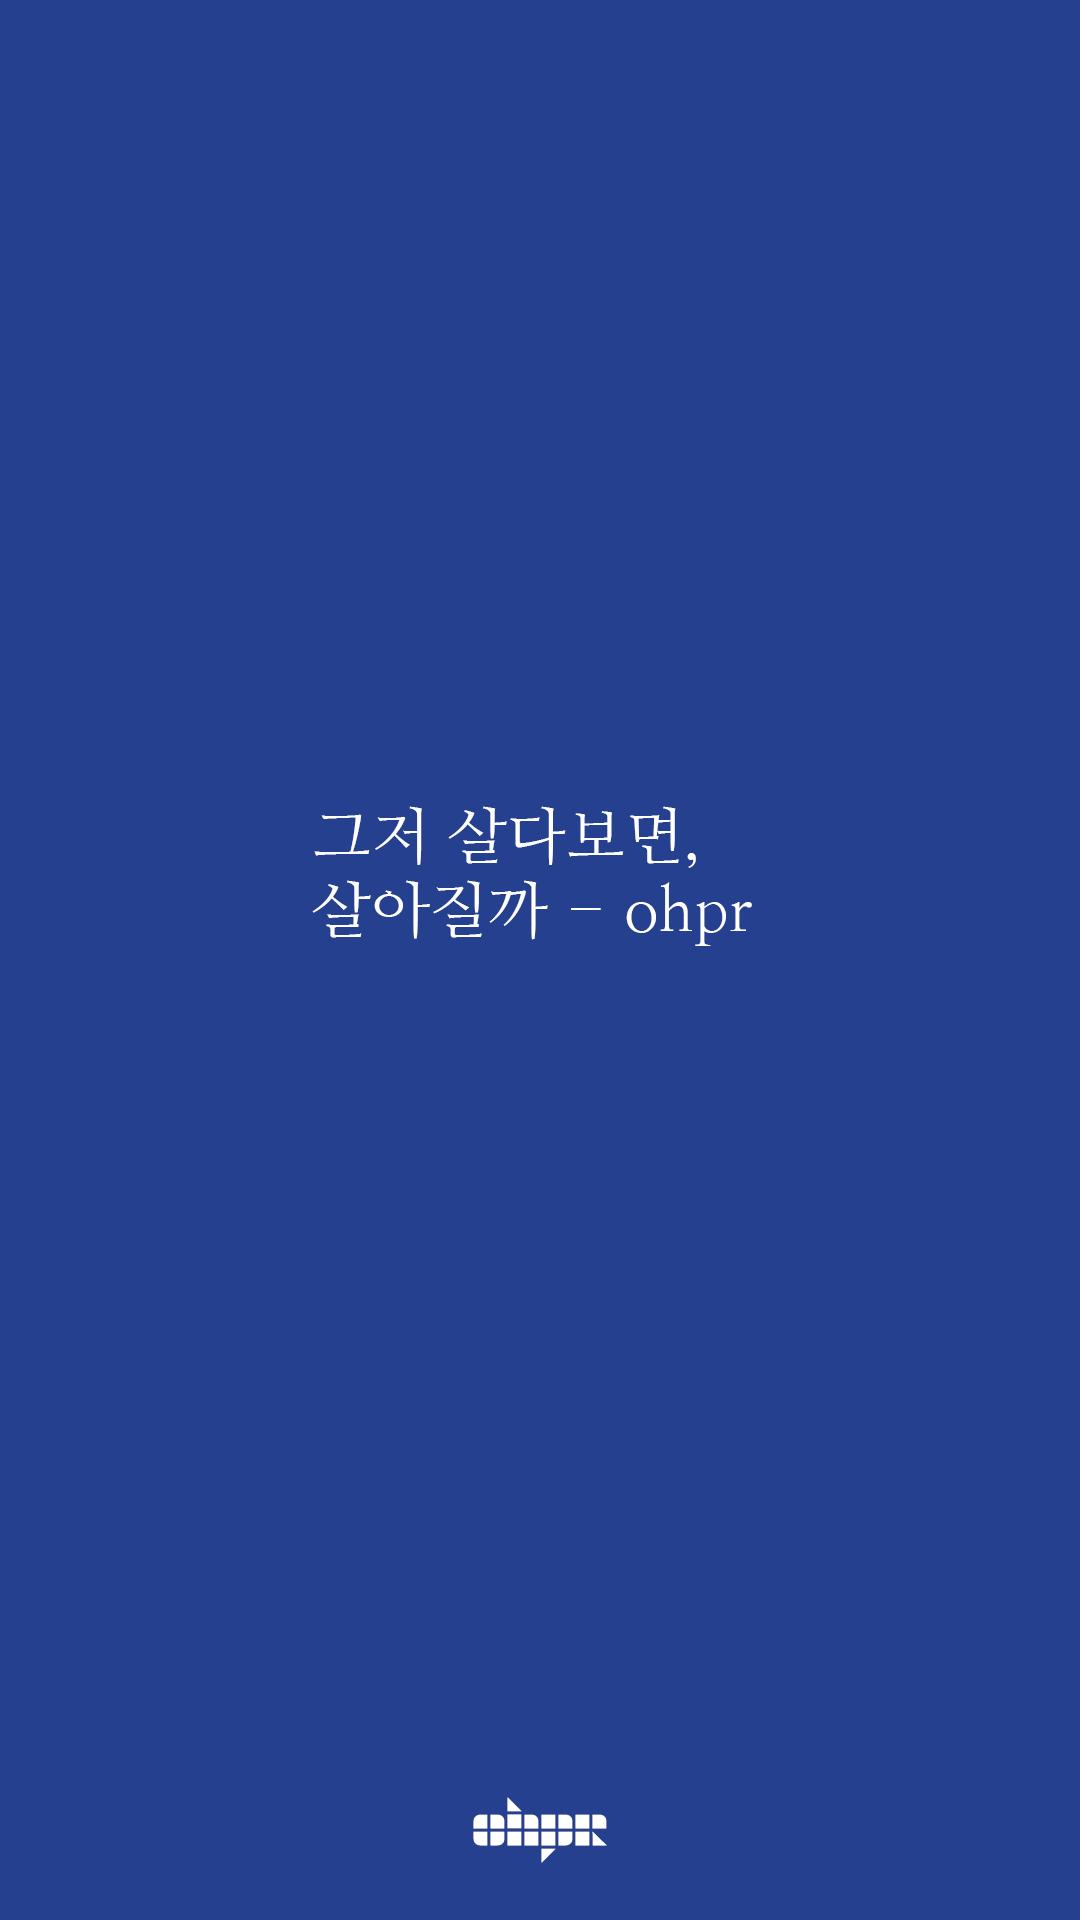 ohpr_wording13